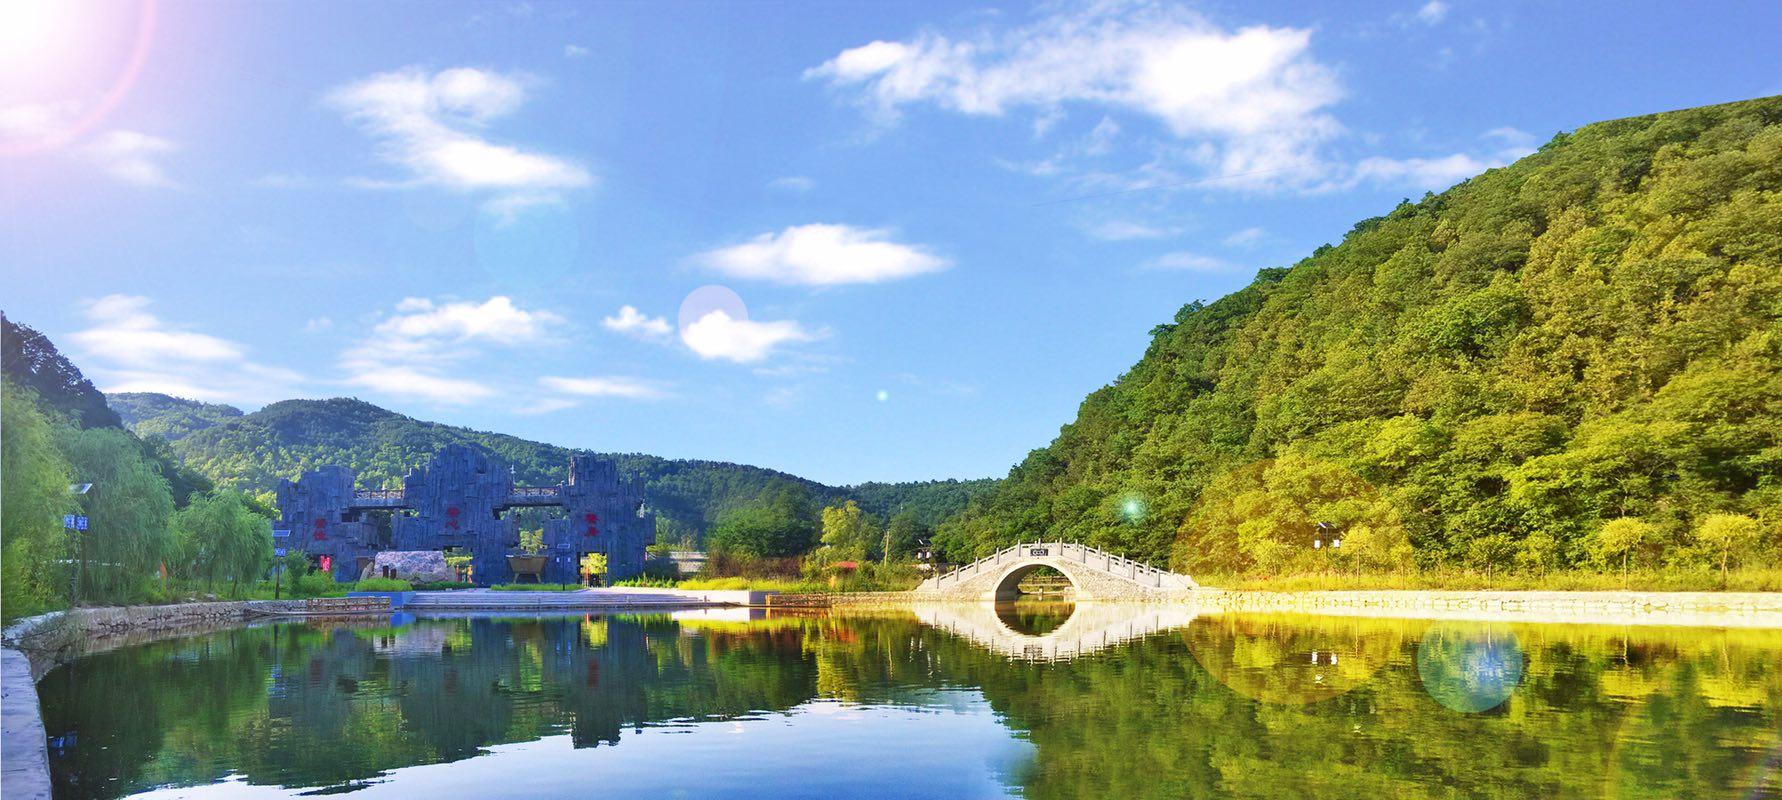 地址:陕西省延安市黄陵县 青峰峡森林公园总面积4360公顷,森林覆盖率